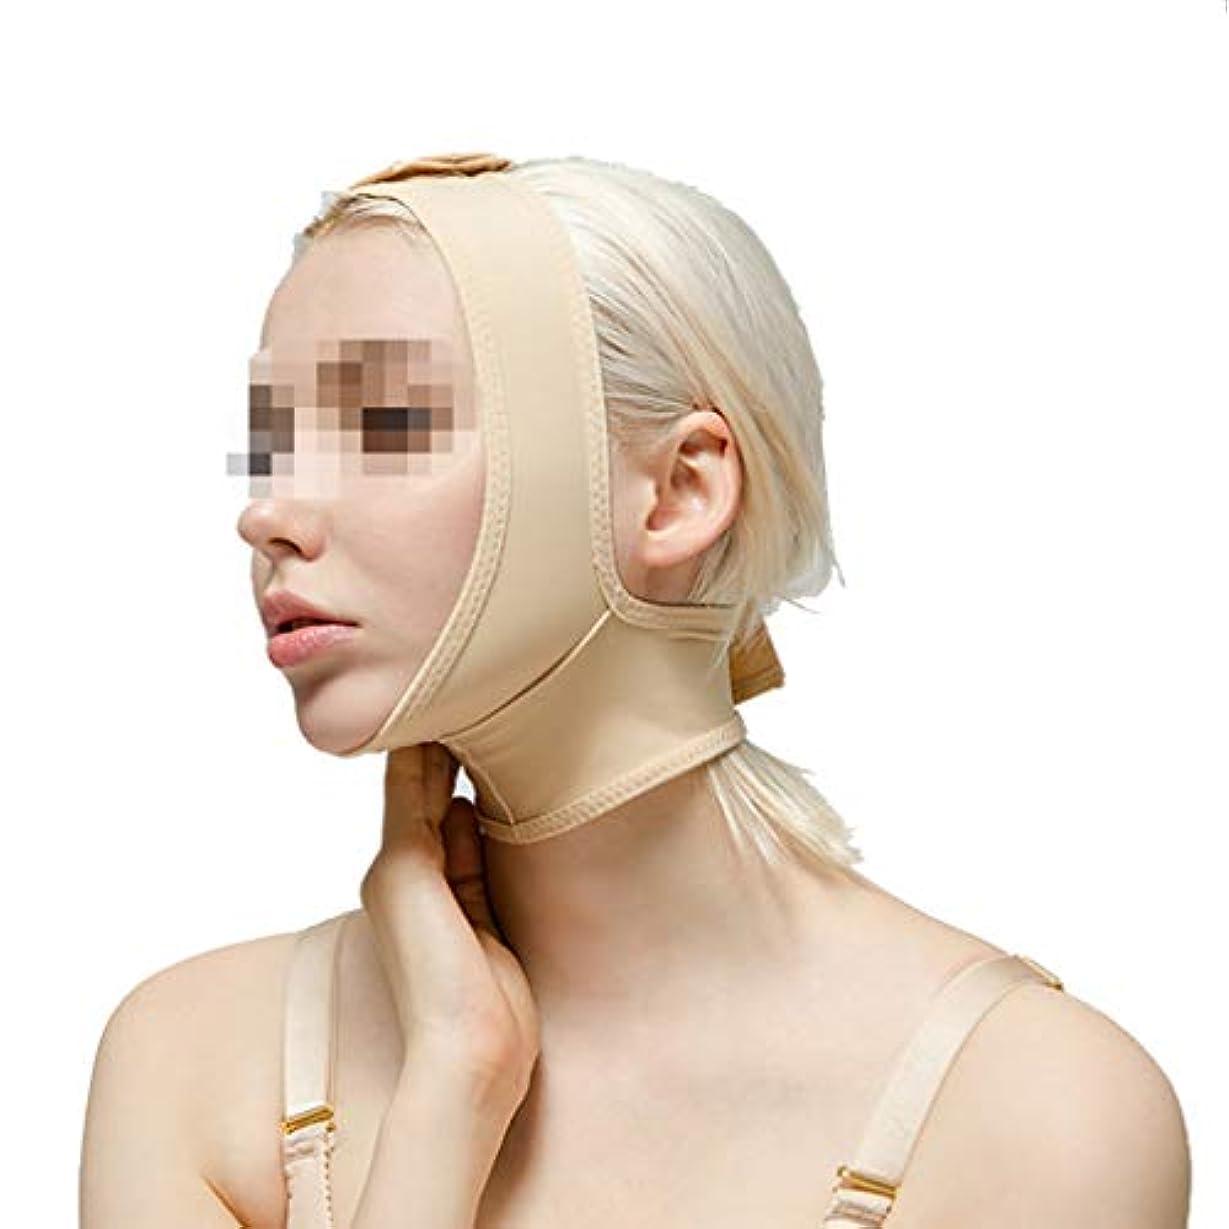 半球適度に幻滅する術後の弾性スリーブ、下顎の束フェイス包帯フェイシャルビームダブルチンシンフェイスマスクマルチサイズオプション (Size : XS)